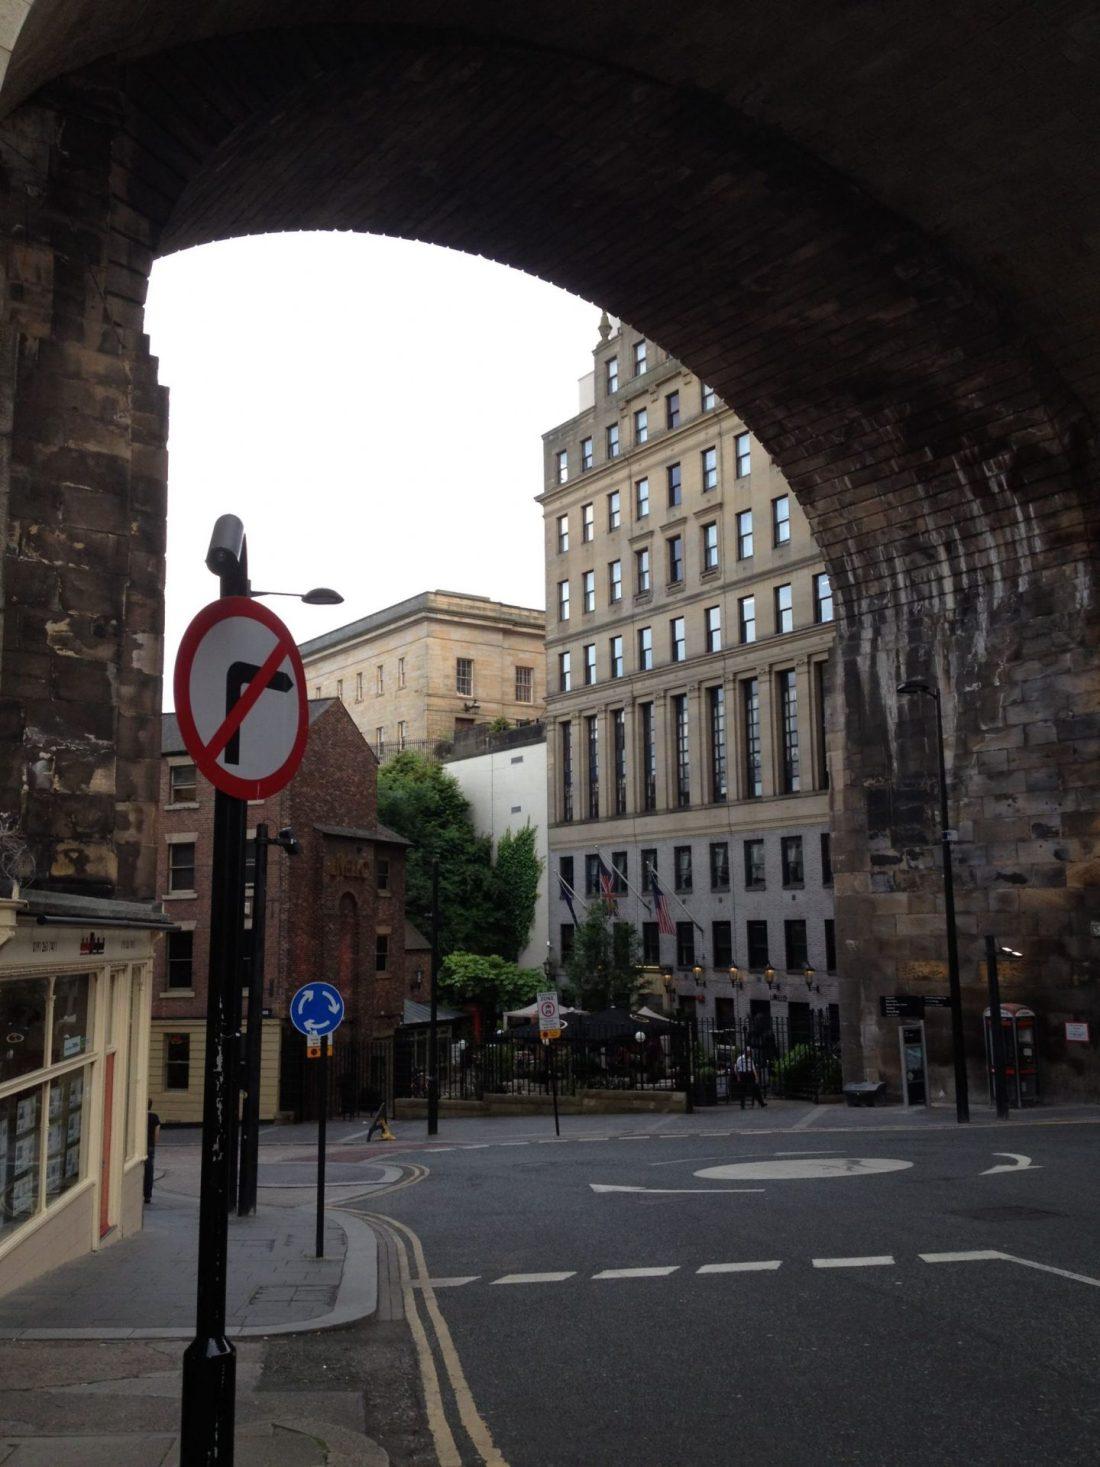 Viaduct of Newcastle, UK